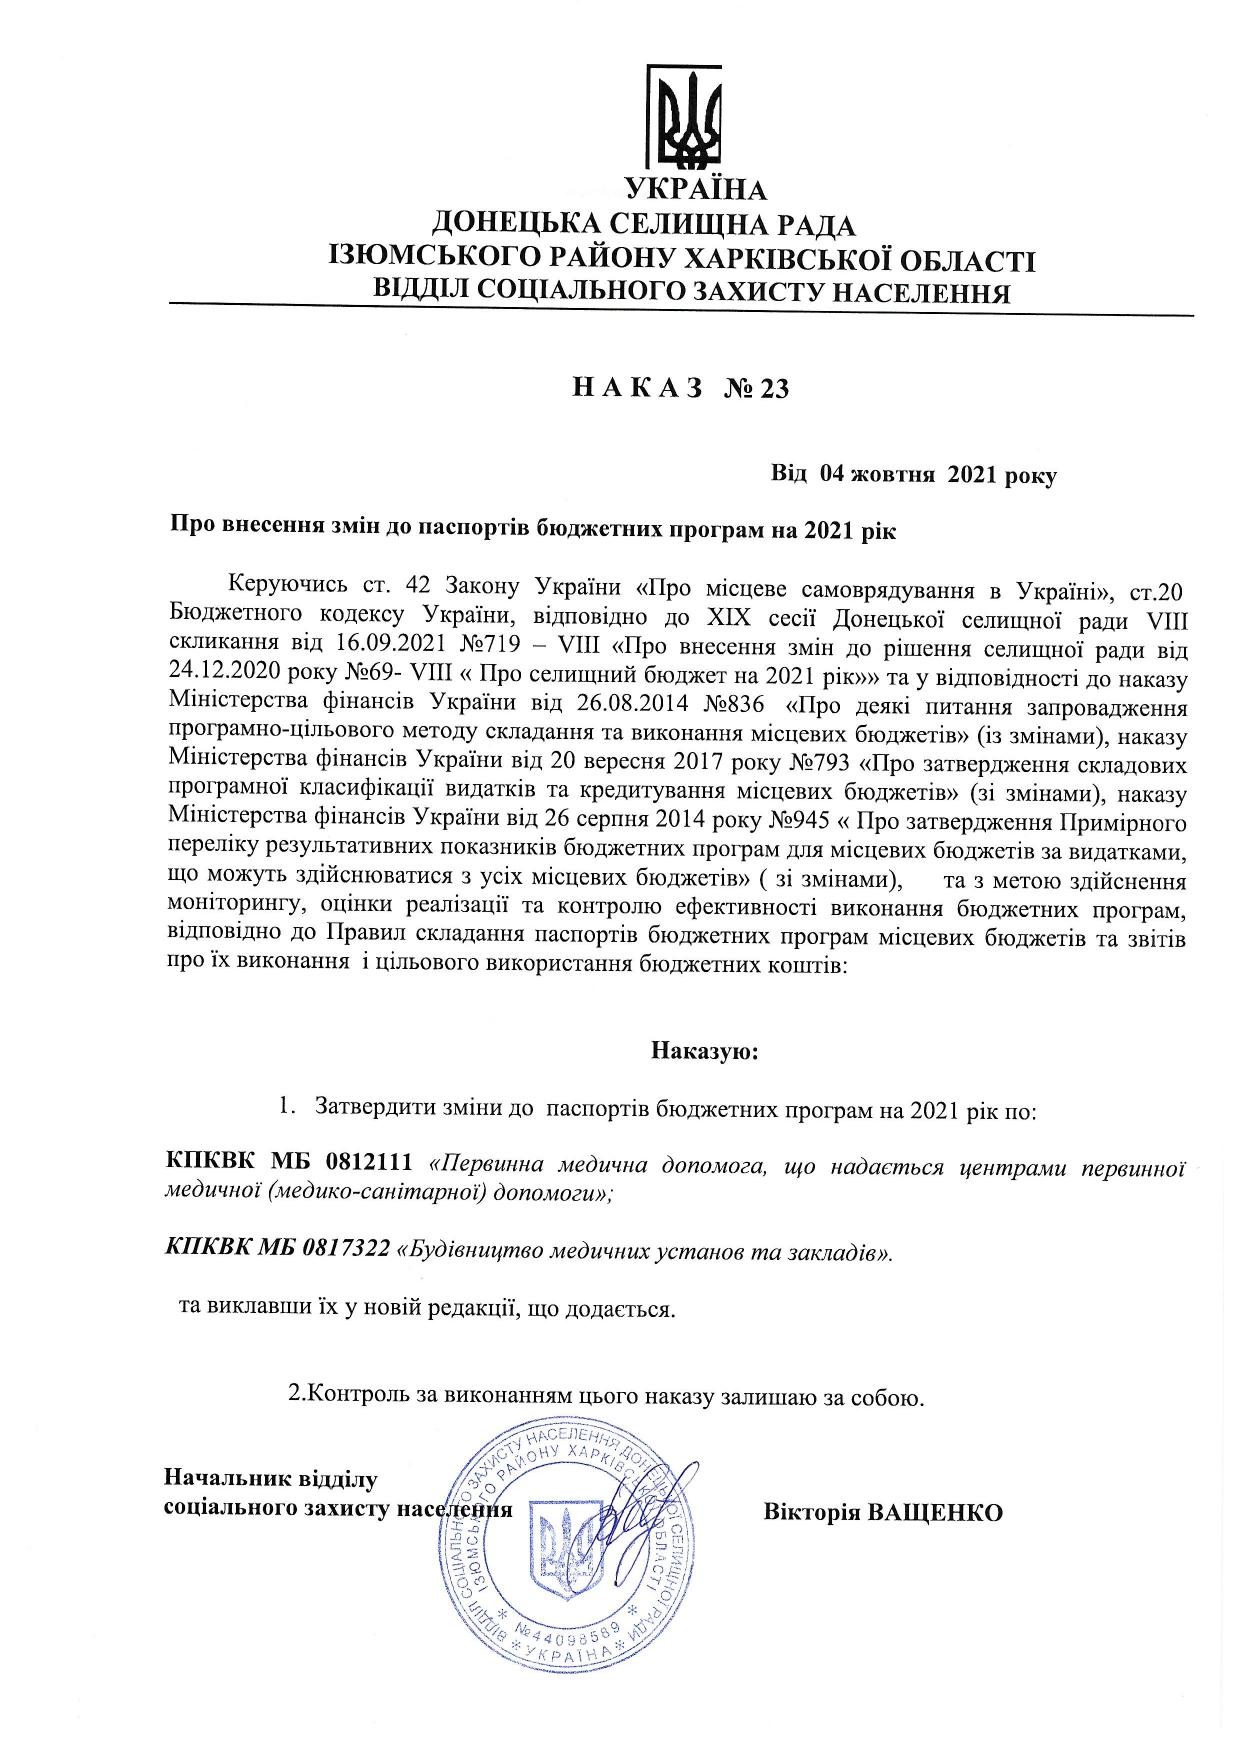 Наказ №23 від 04 жовтня 2021 року Про внесення змін до паспортів бюджетних програм на 2021 рік